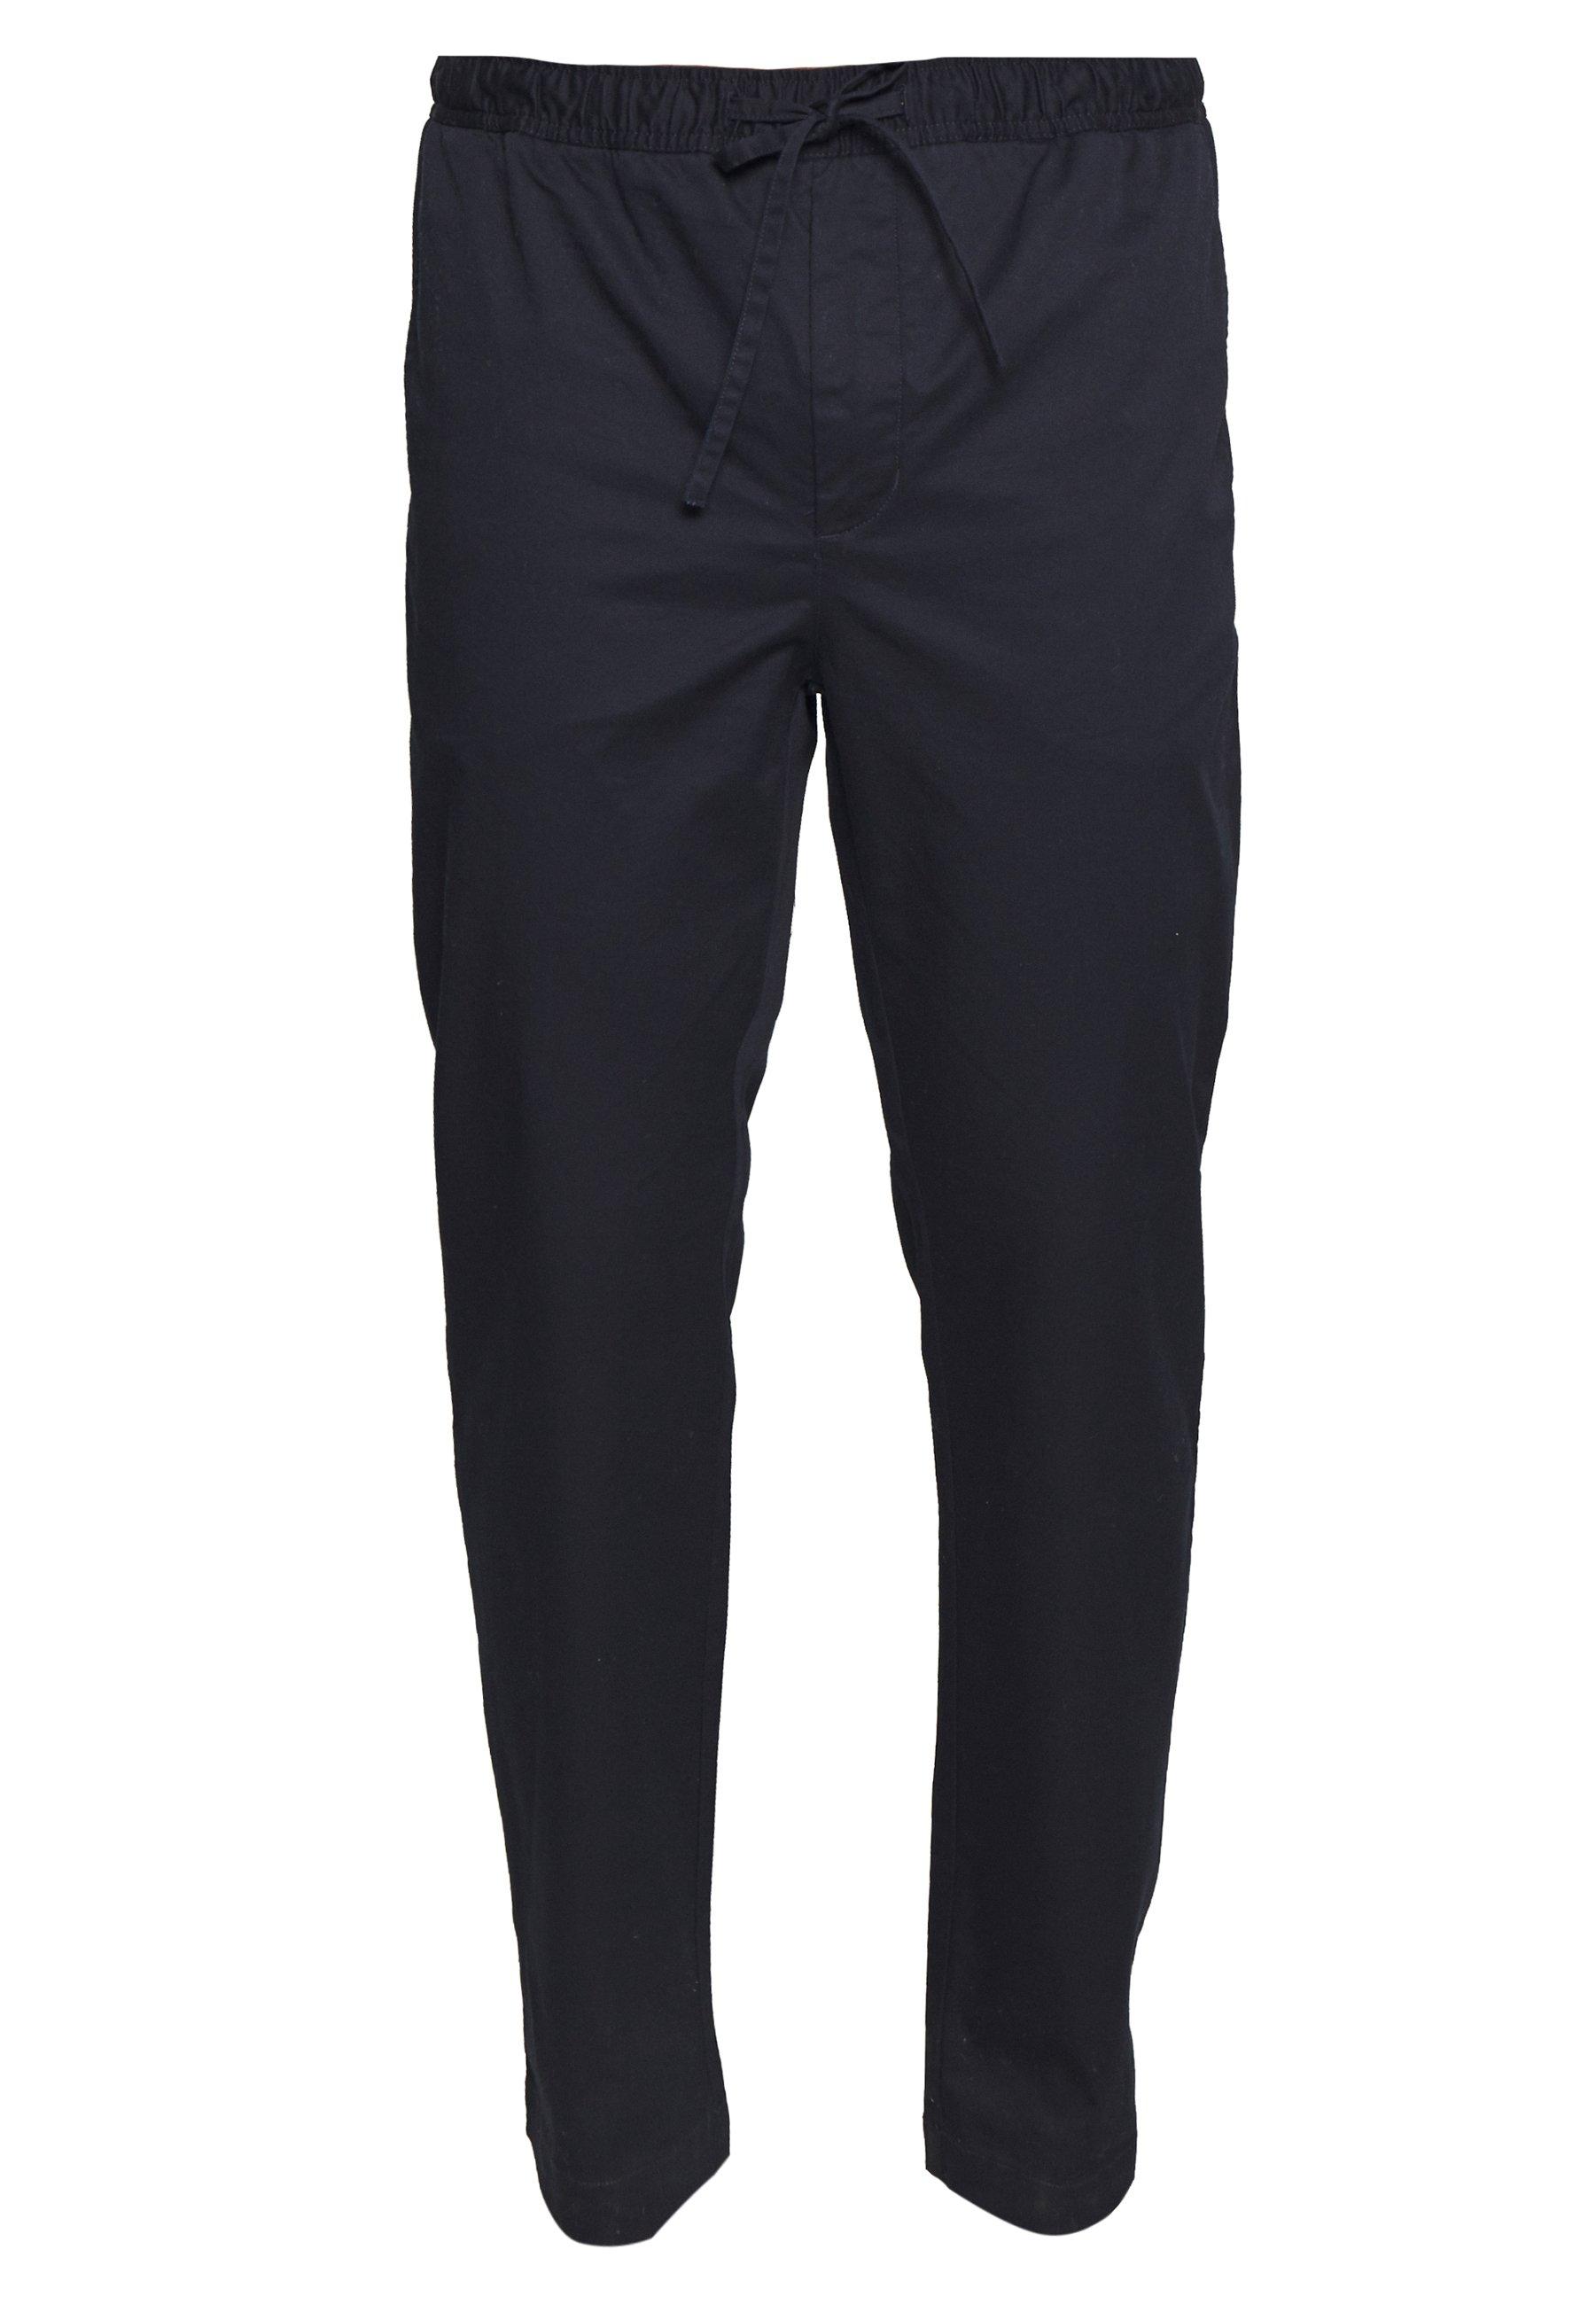 Blue Loose-fitting trousers  Kenzo  Bukser - Herreklær er billig